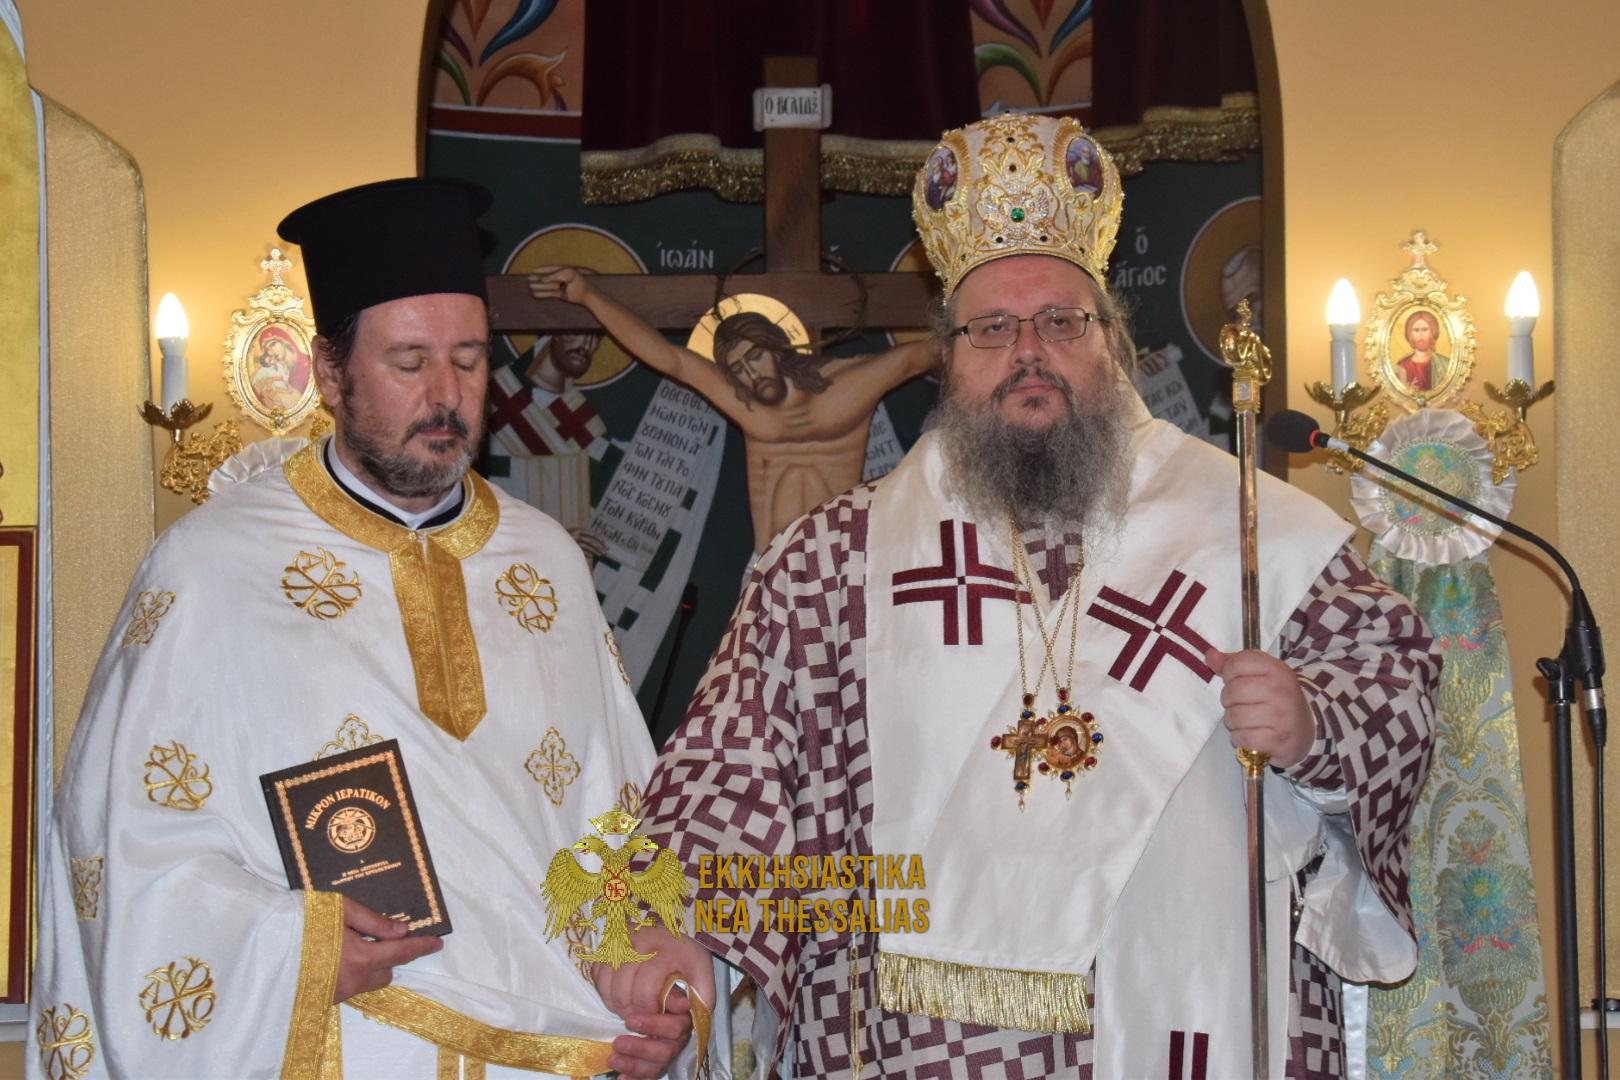 Εορτή το Γενέθλιο  του Προδρόμου και Χειροτονία Νέου  Πρεσβυτέρου στον Τύρναβο